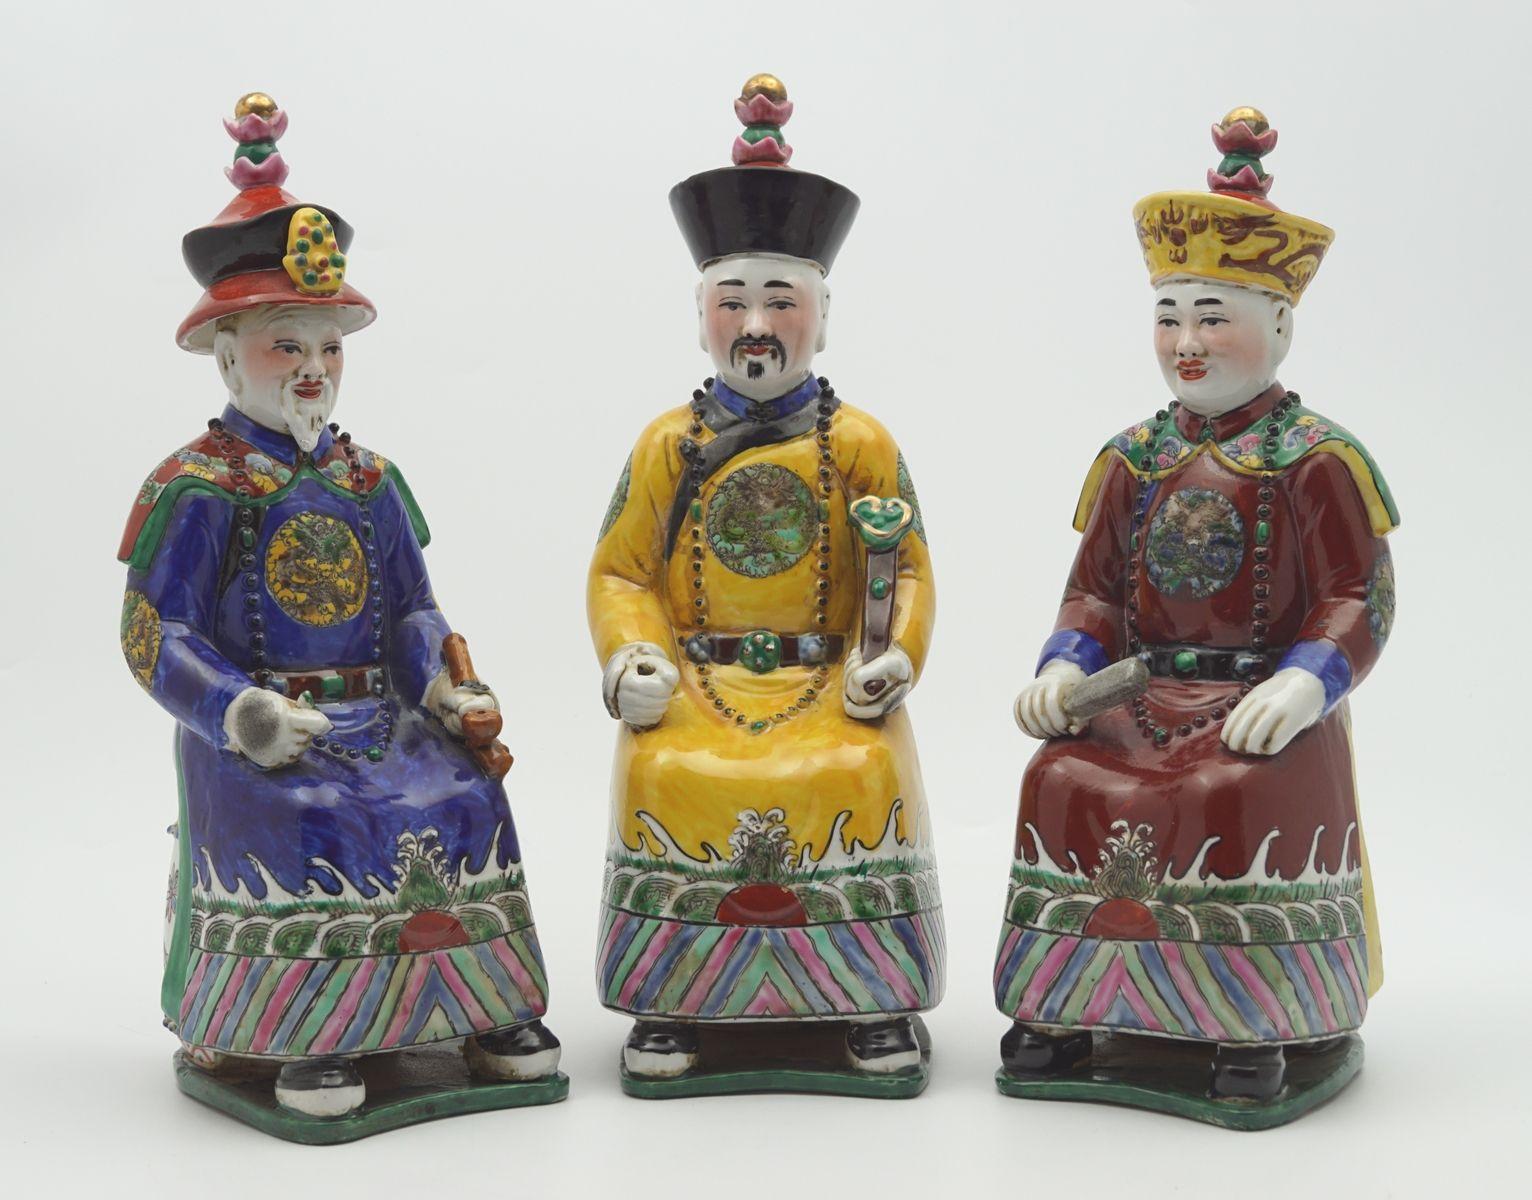 Drie polychroom gedecoreerde porseleinen sculpturen van de laatste Chinese keizers